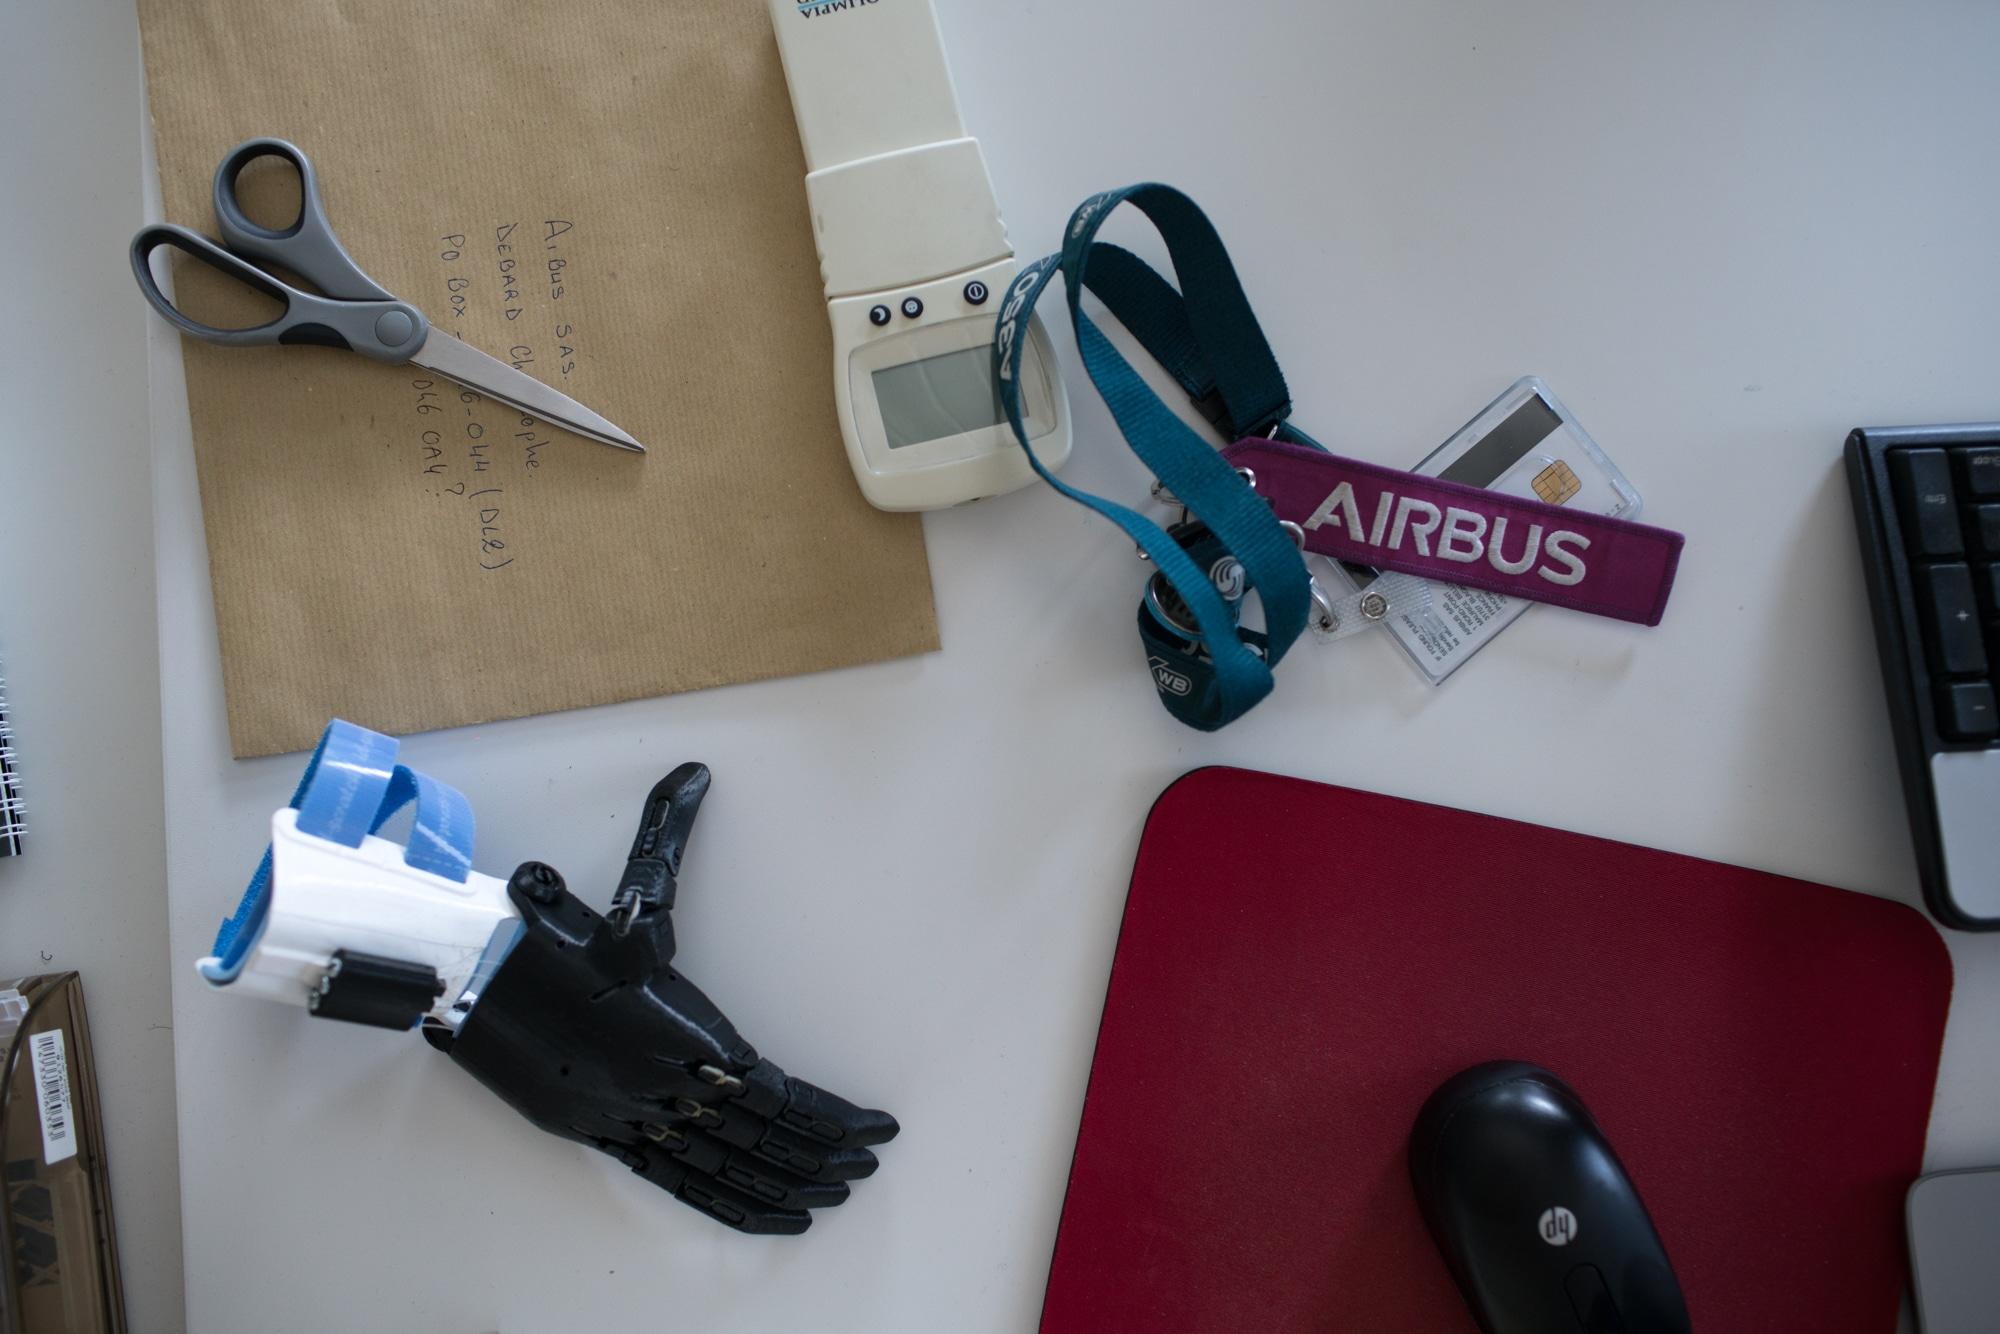 Sur un bureau sont éparpillés un trousseau de clés, une souris d'ordinateur, une paire de ciseaux, un instrument éléctronique et une prothèse de main imprimée en 3D